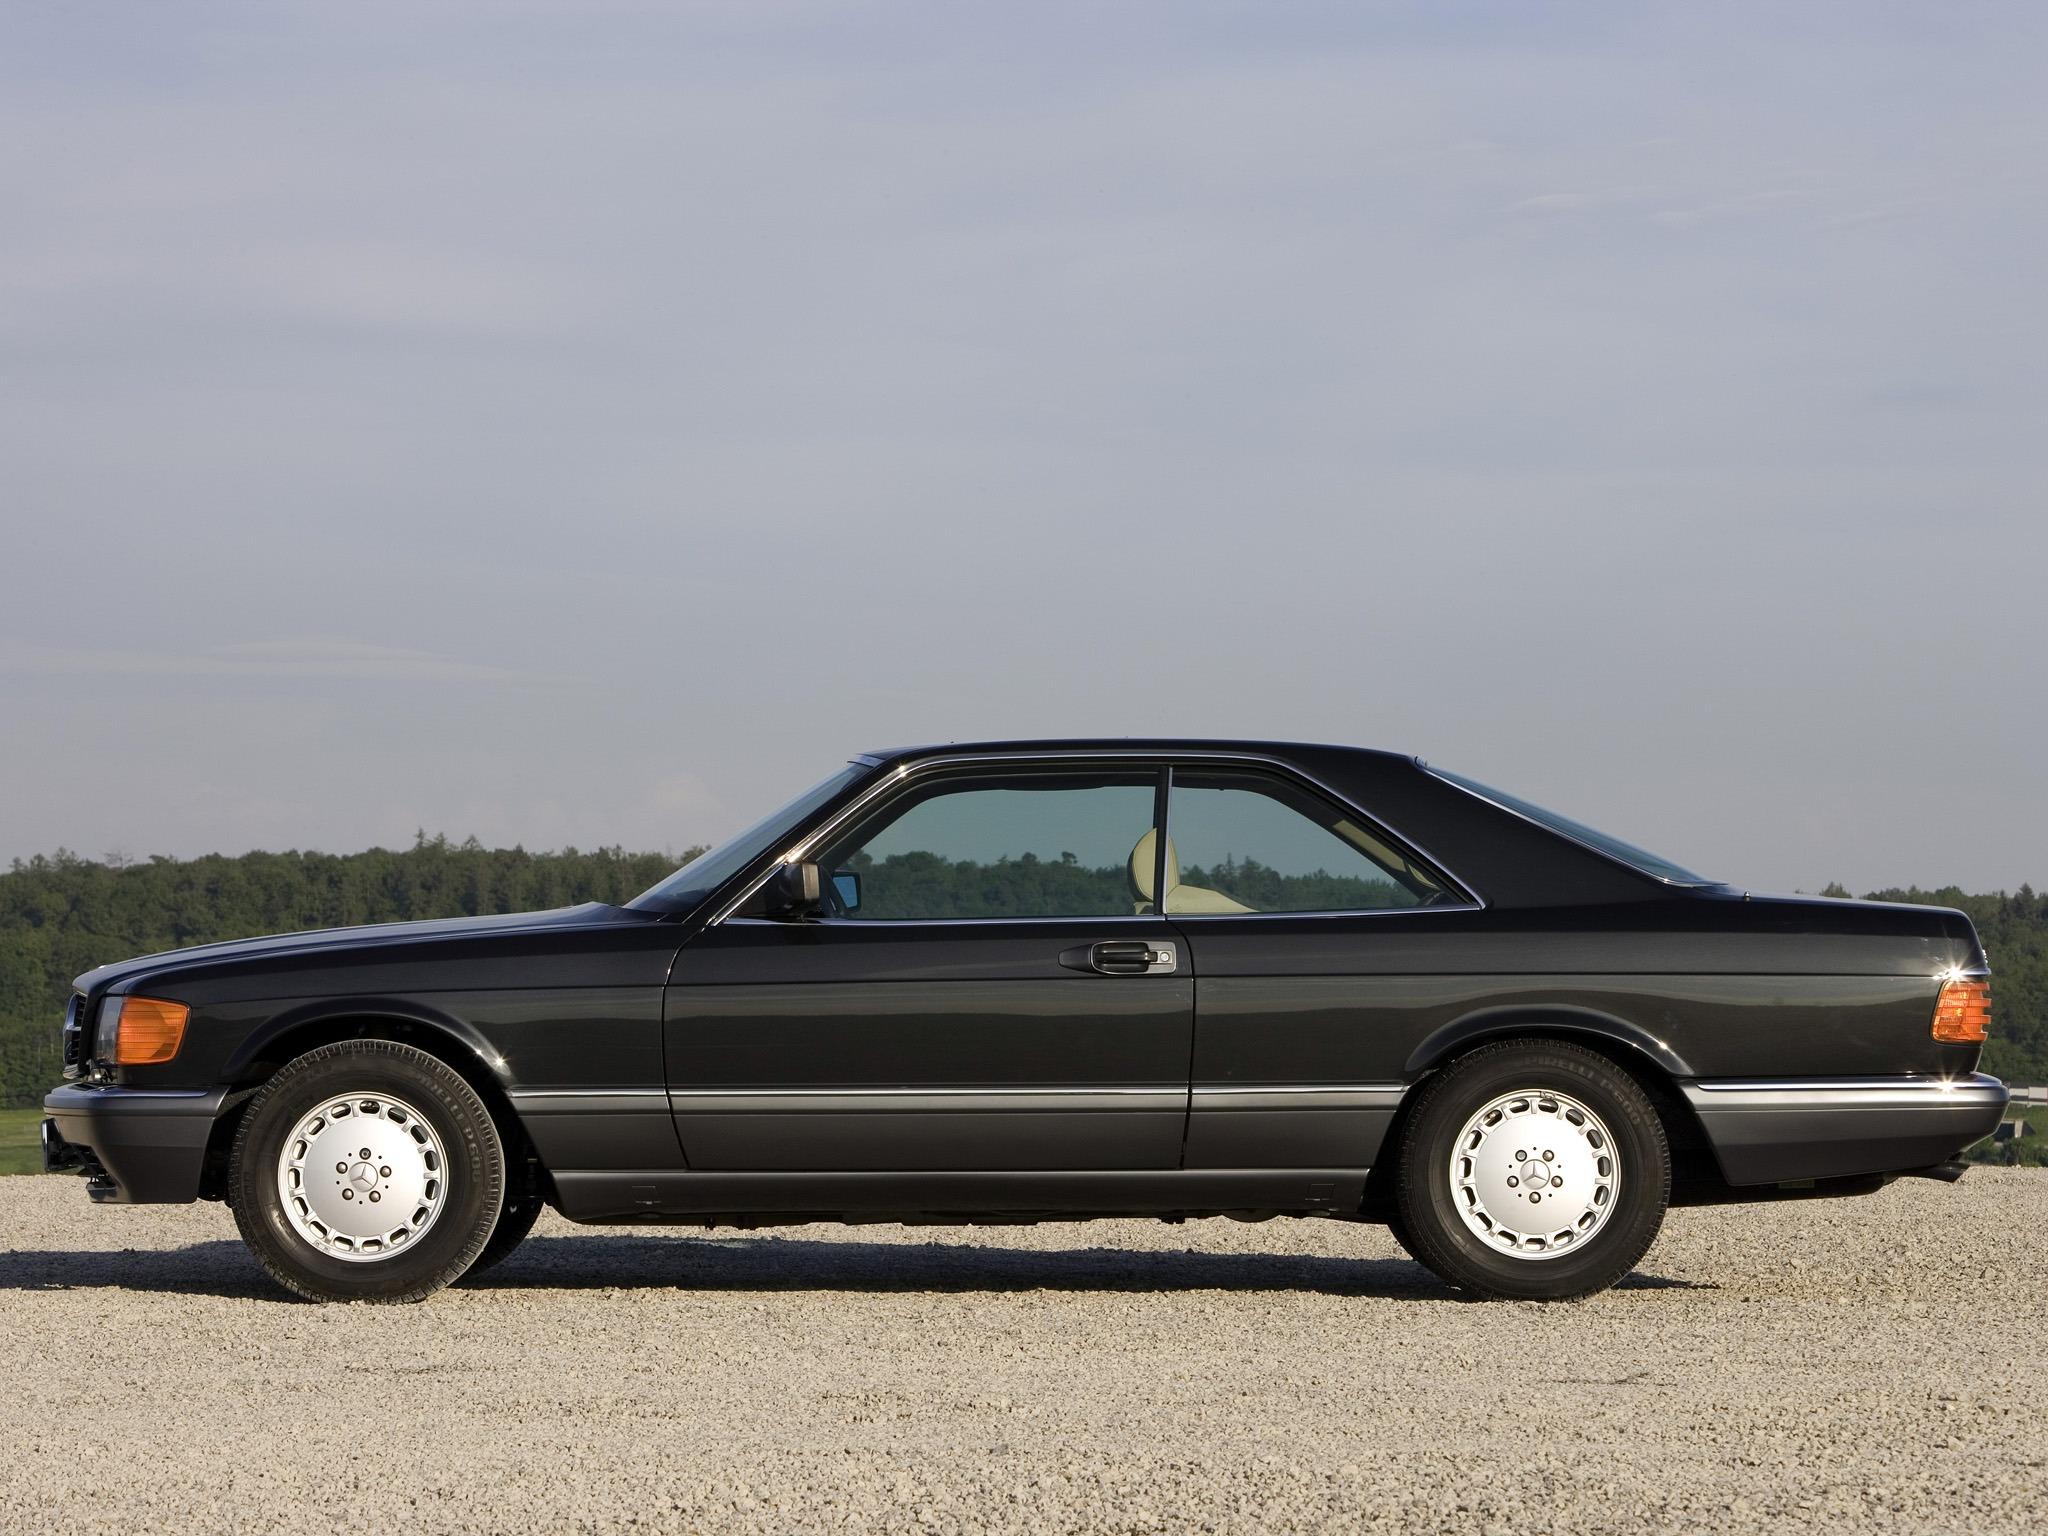 Mercedes C126